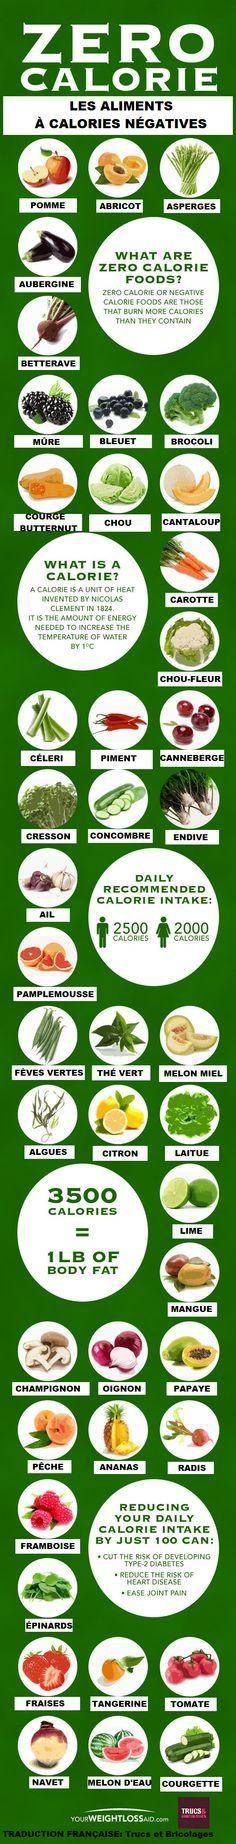 Aujourd'hui, on a pensé à tous ceux qui ont pris des résolutions 2015 pour perdre du poids ou être plus en santé. On a un truc génial pour vous: intégrer davantage les aliments à calories négatives à votre alimentation! Les aliments à calories négati